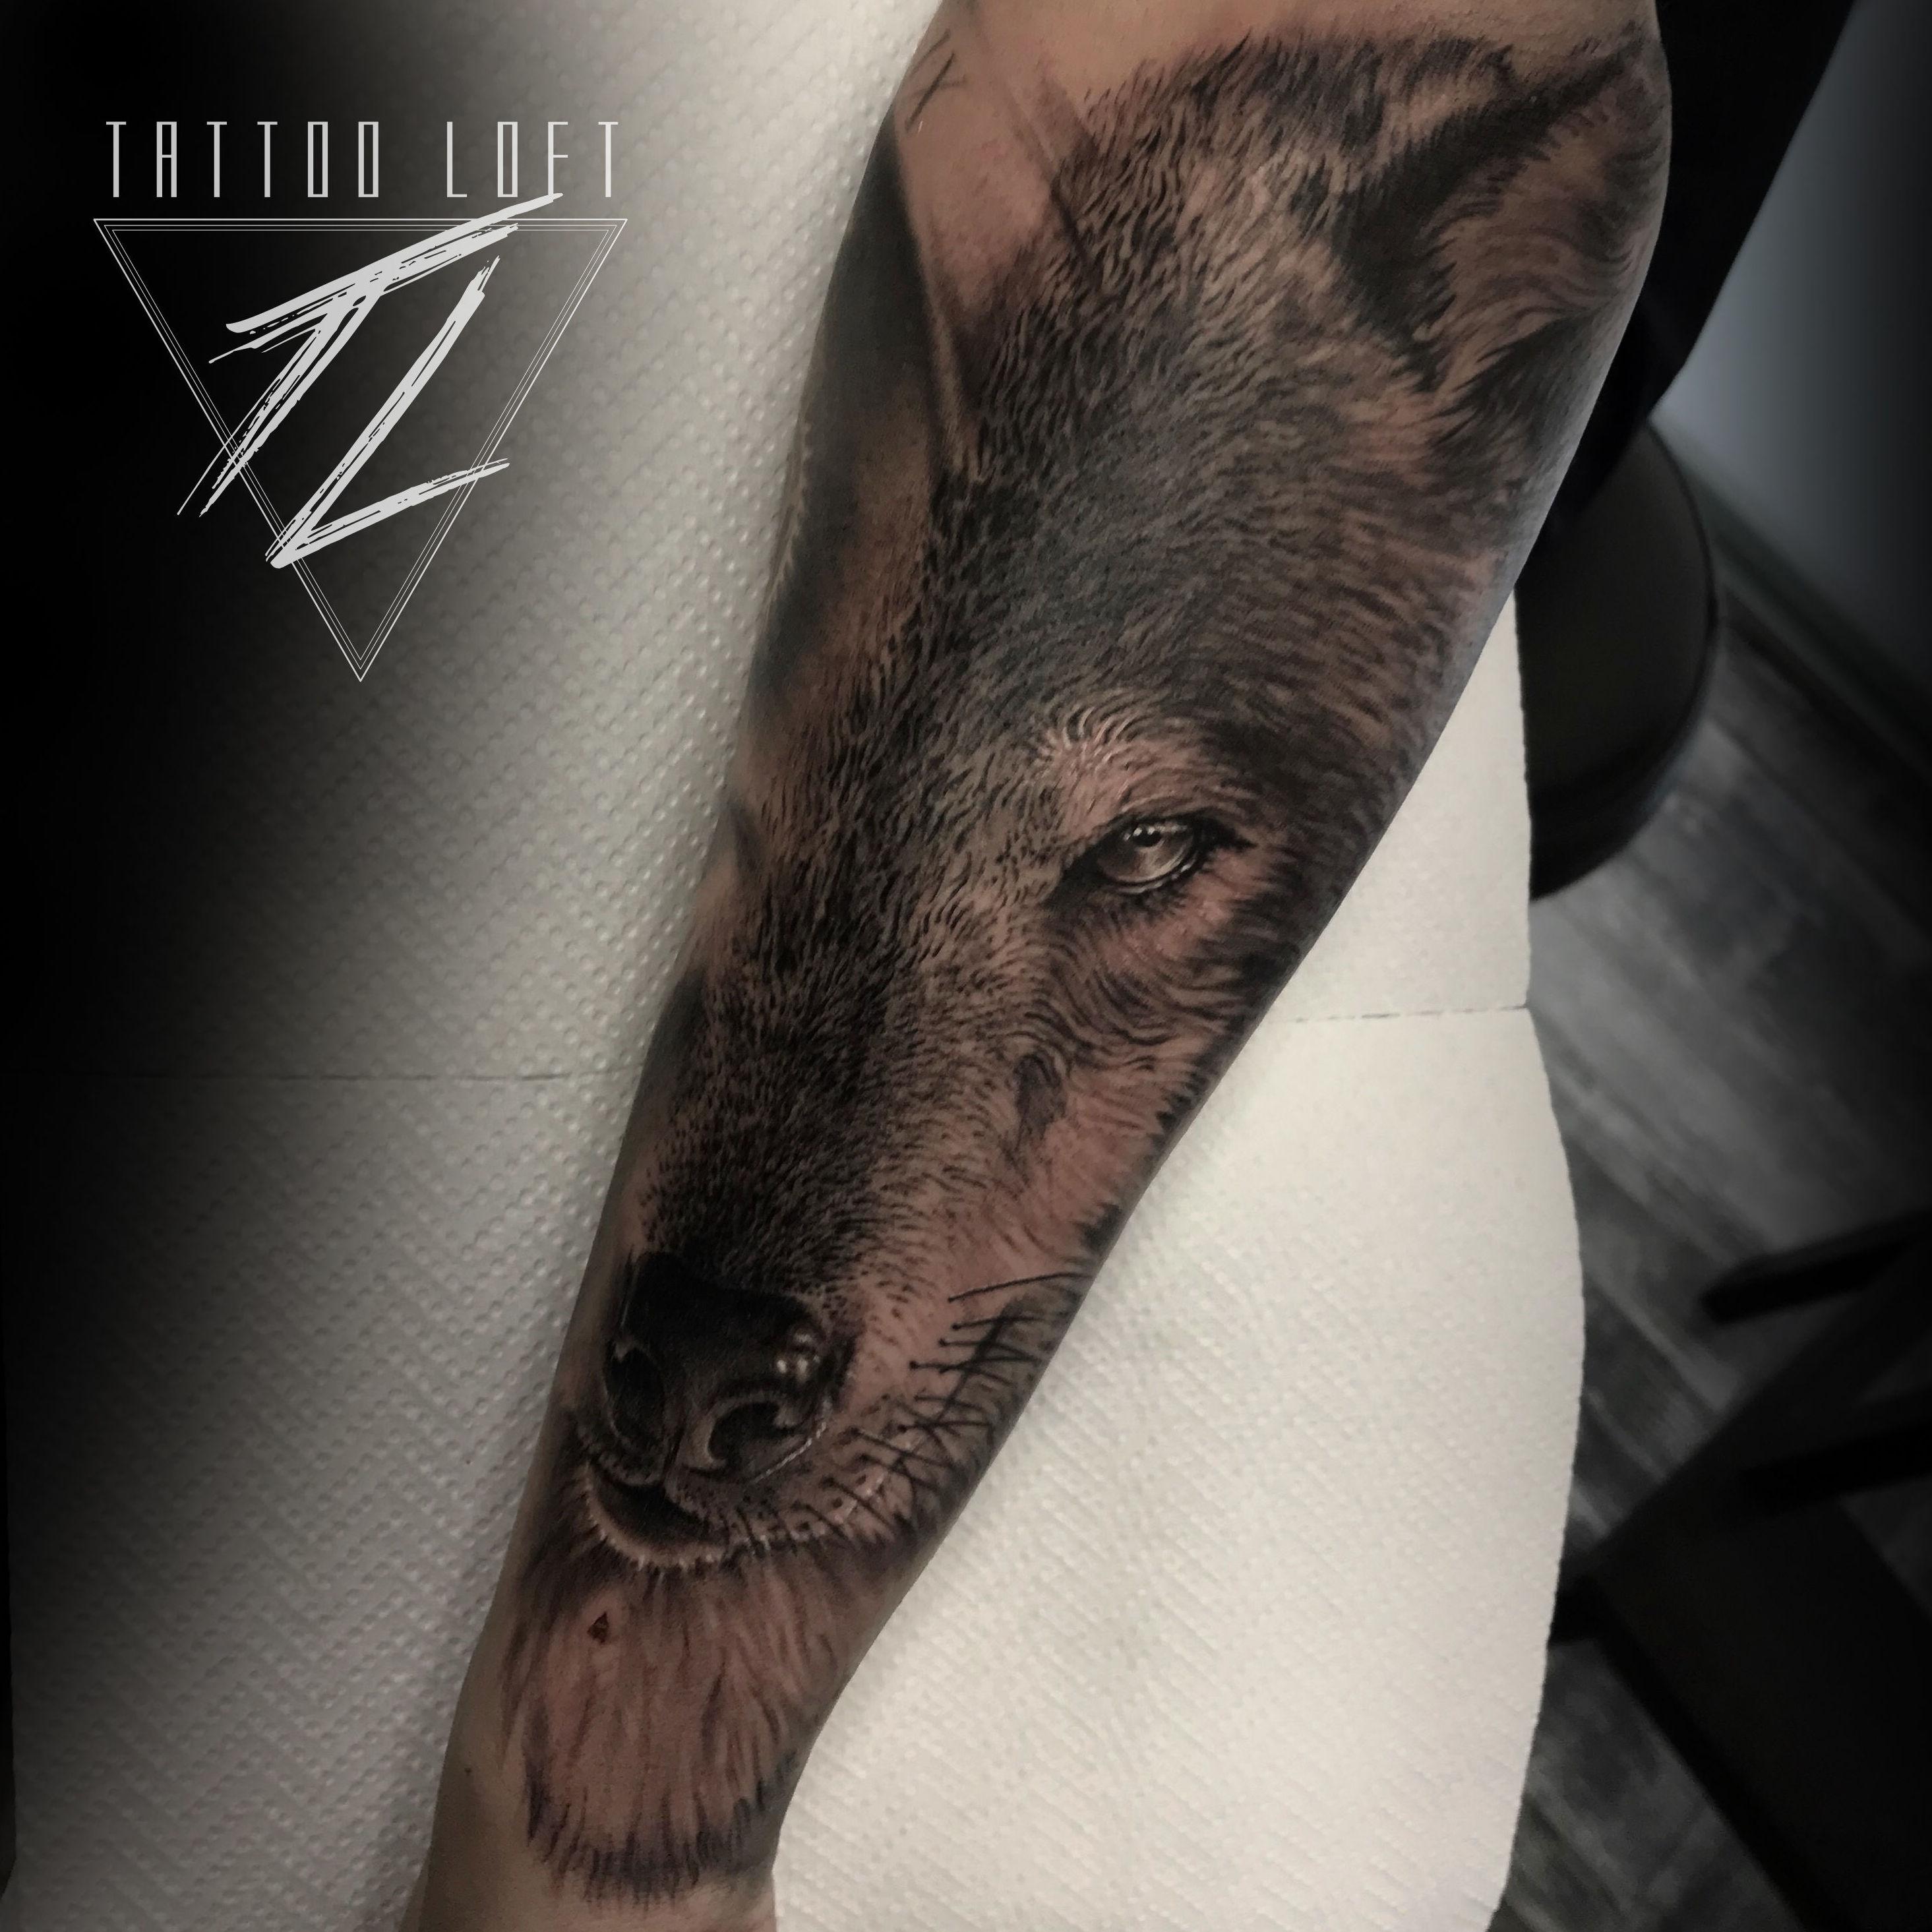 Tatuaje de lobo Carabanchel